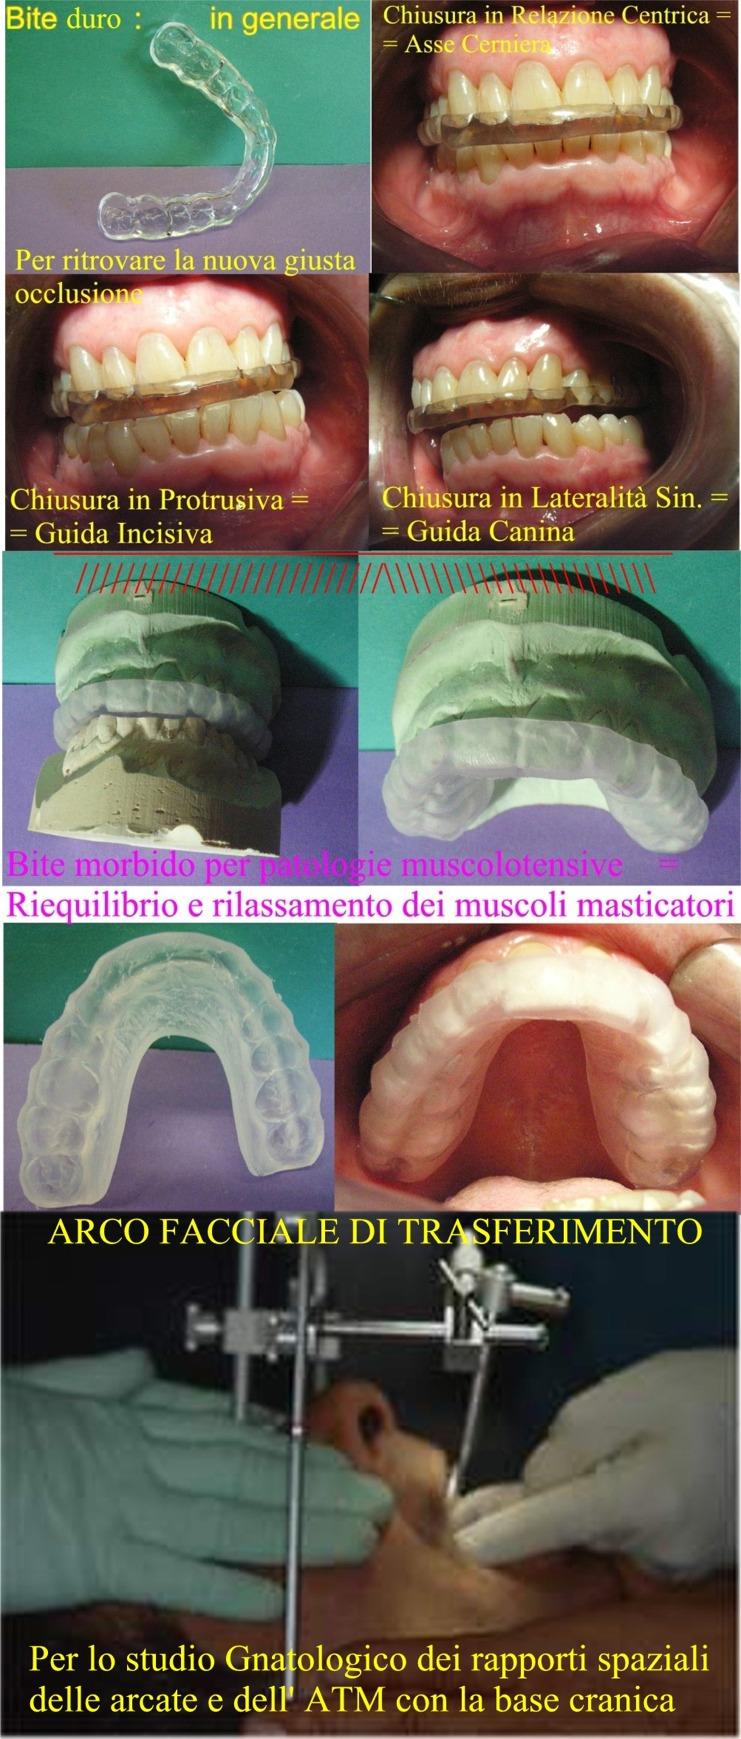 Diversi tipi di Bite e Arco facciale di Trasferimento da casistica del Dr. Gustavo Petti Parodontologo Gnatologo di Cagliari